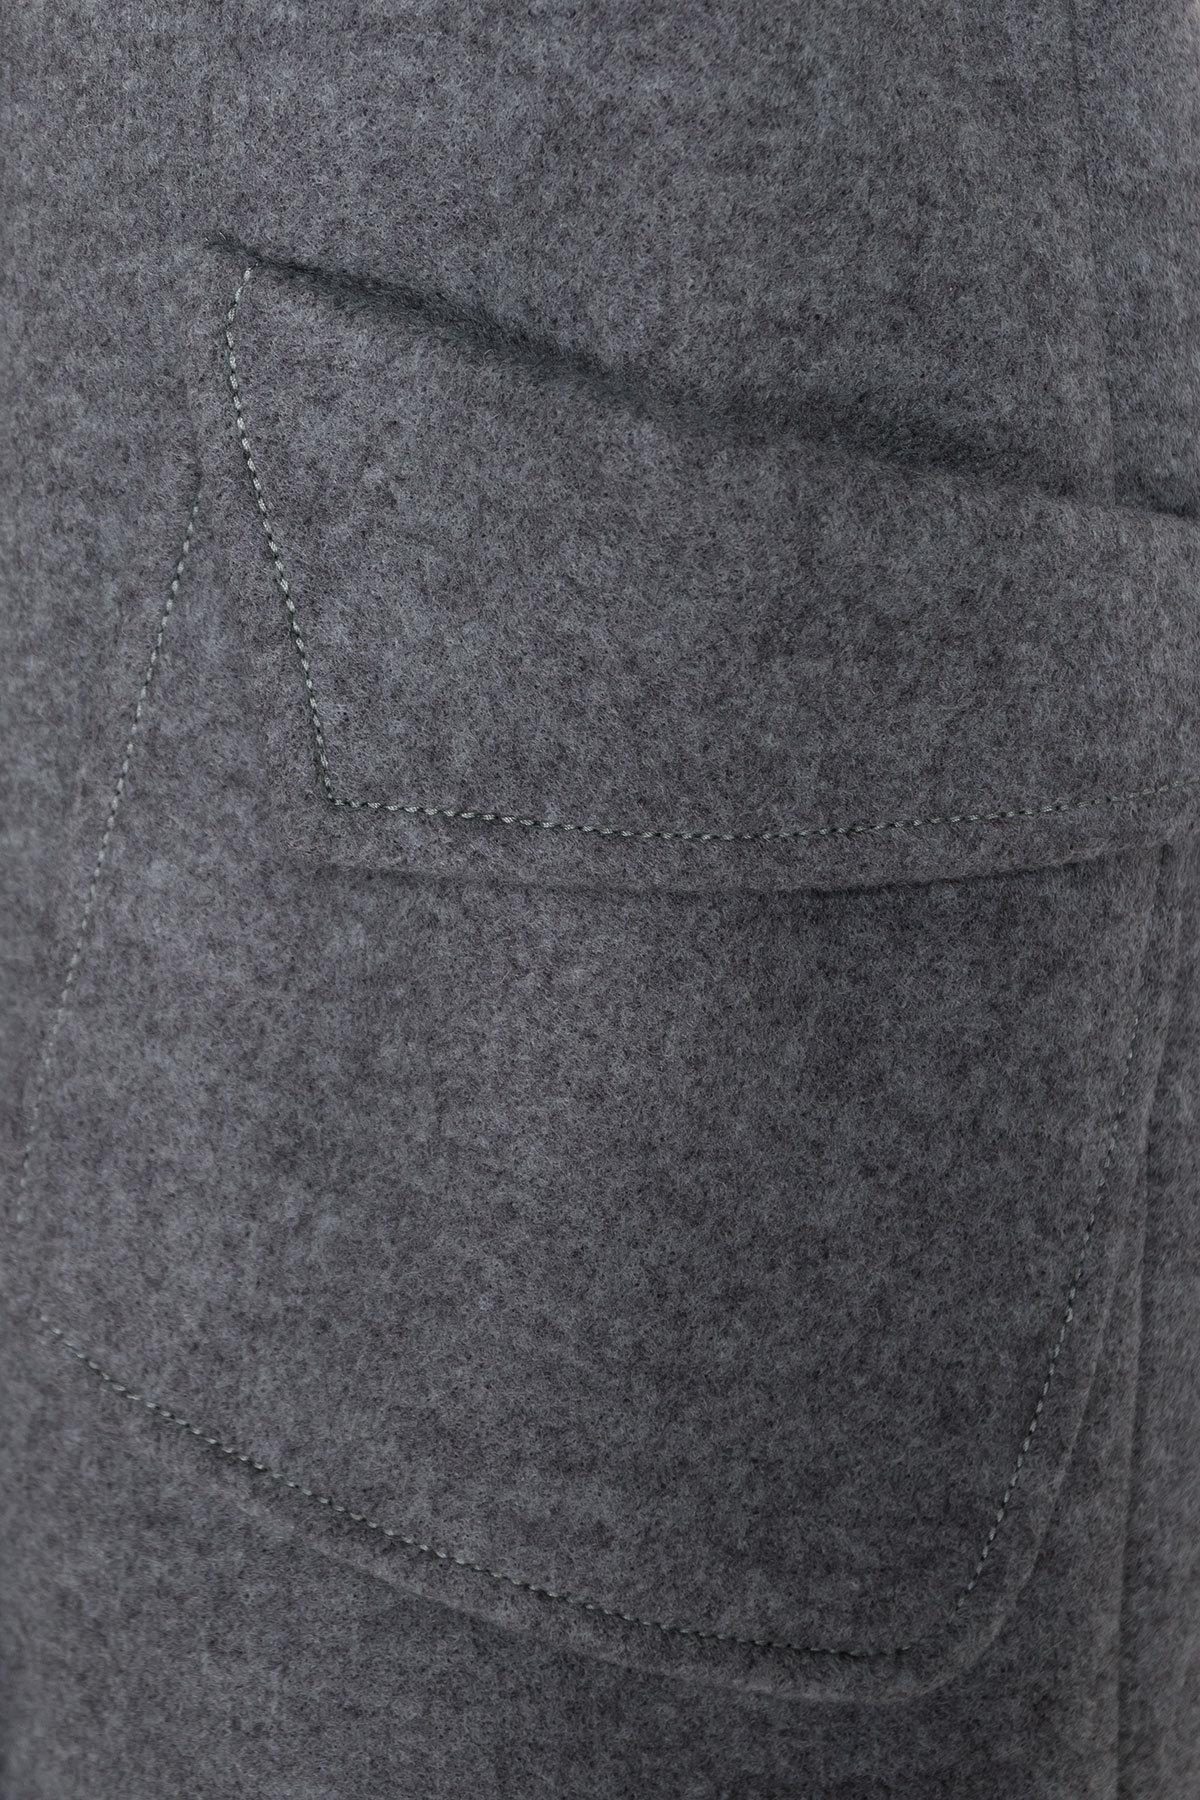 Демисезонное пальто с воротником стойка Эста 5417 АРТ. 36790 Цвет: Олива - фото 5, интернет магазин tm-modus.ru